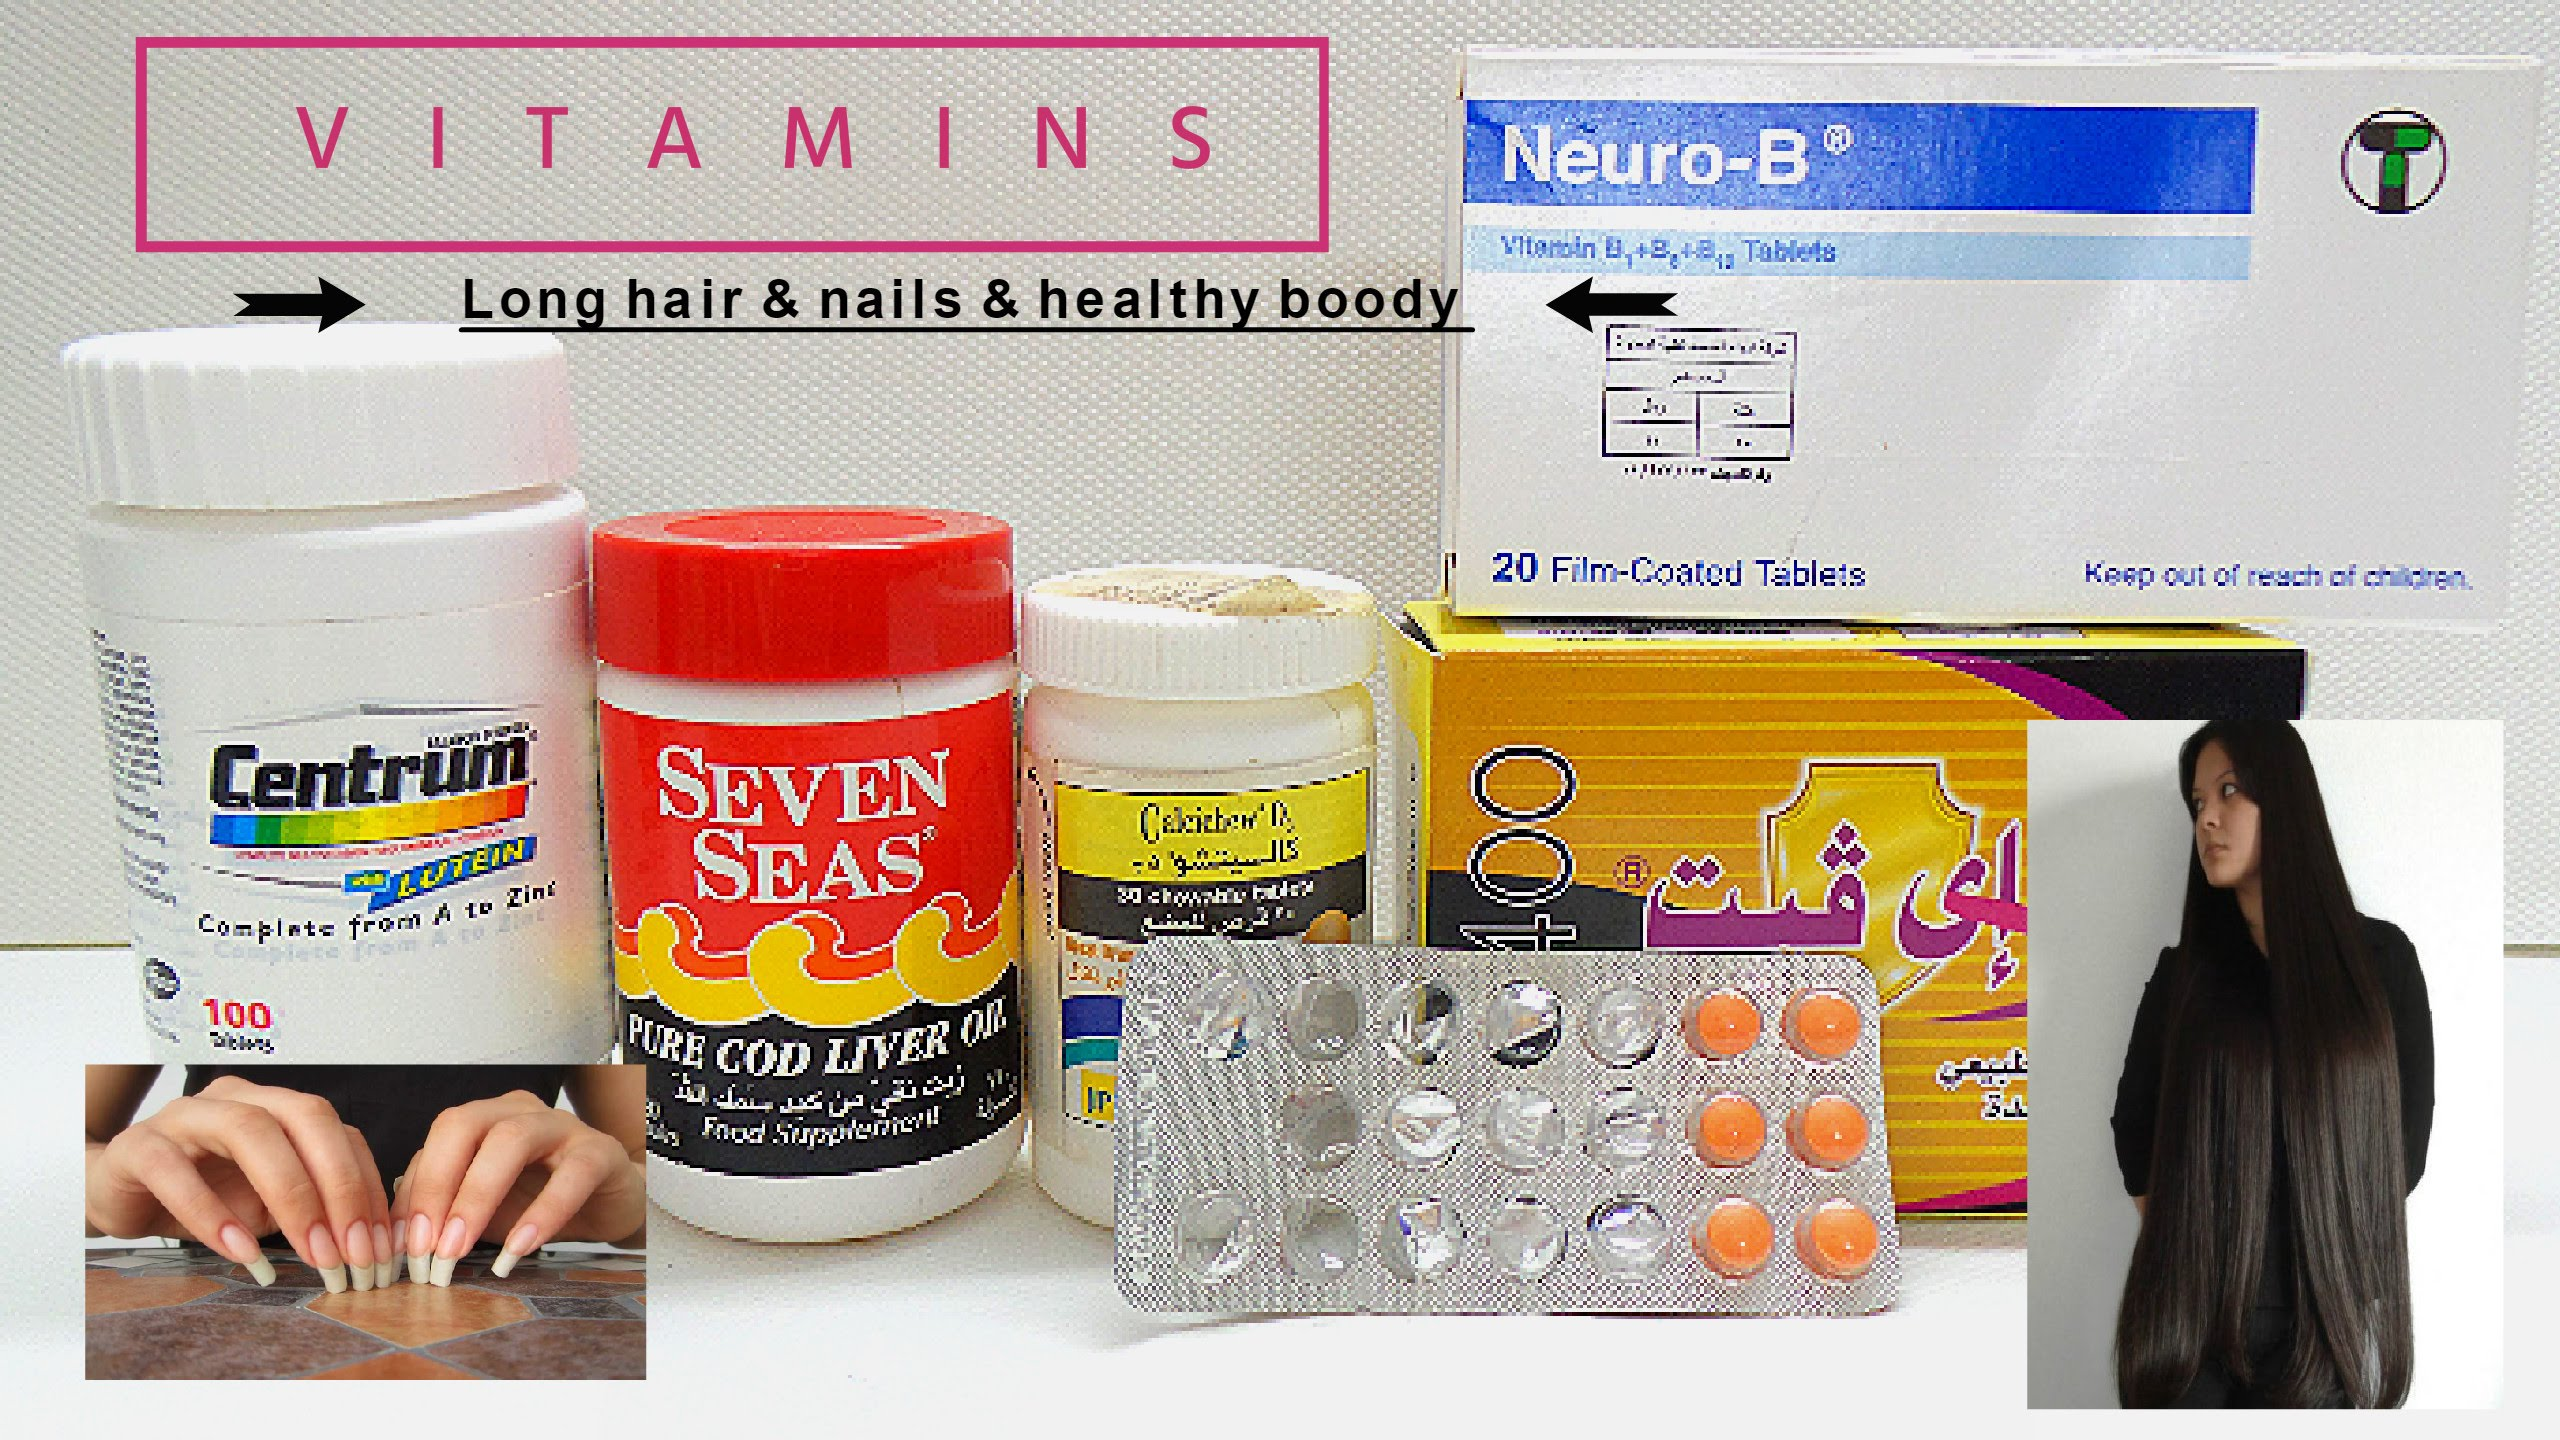 صور حبوب فيتامينات , اهم الفيتامينات للشعر والبشره والجسم